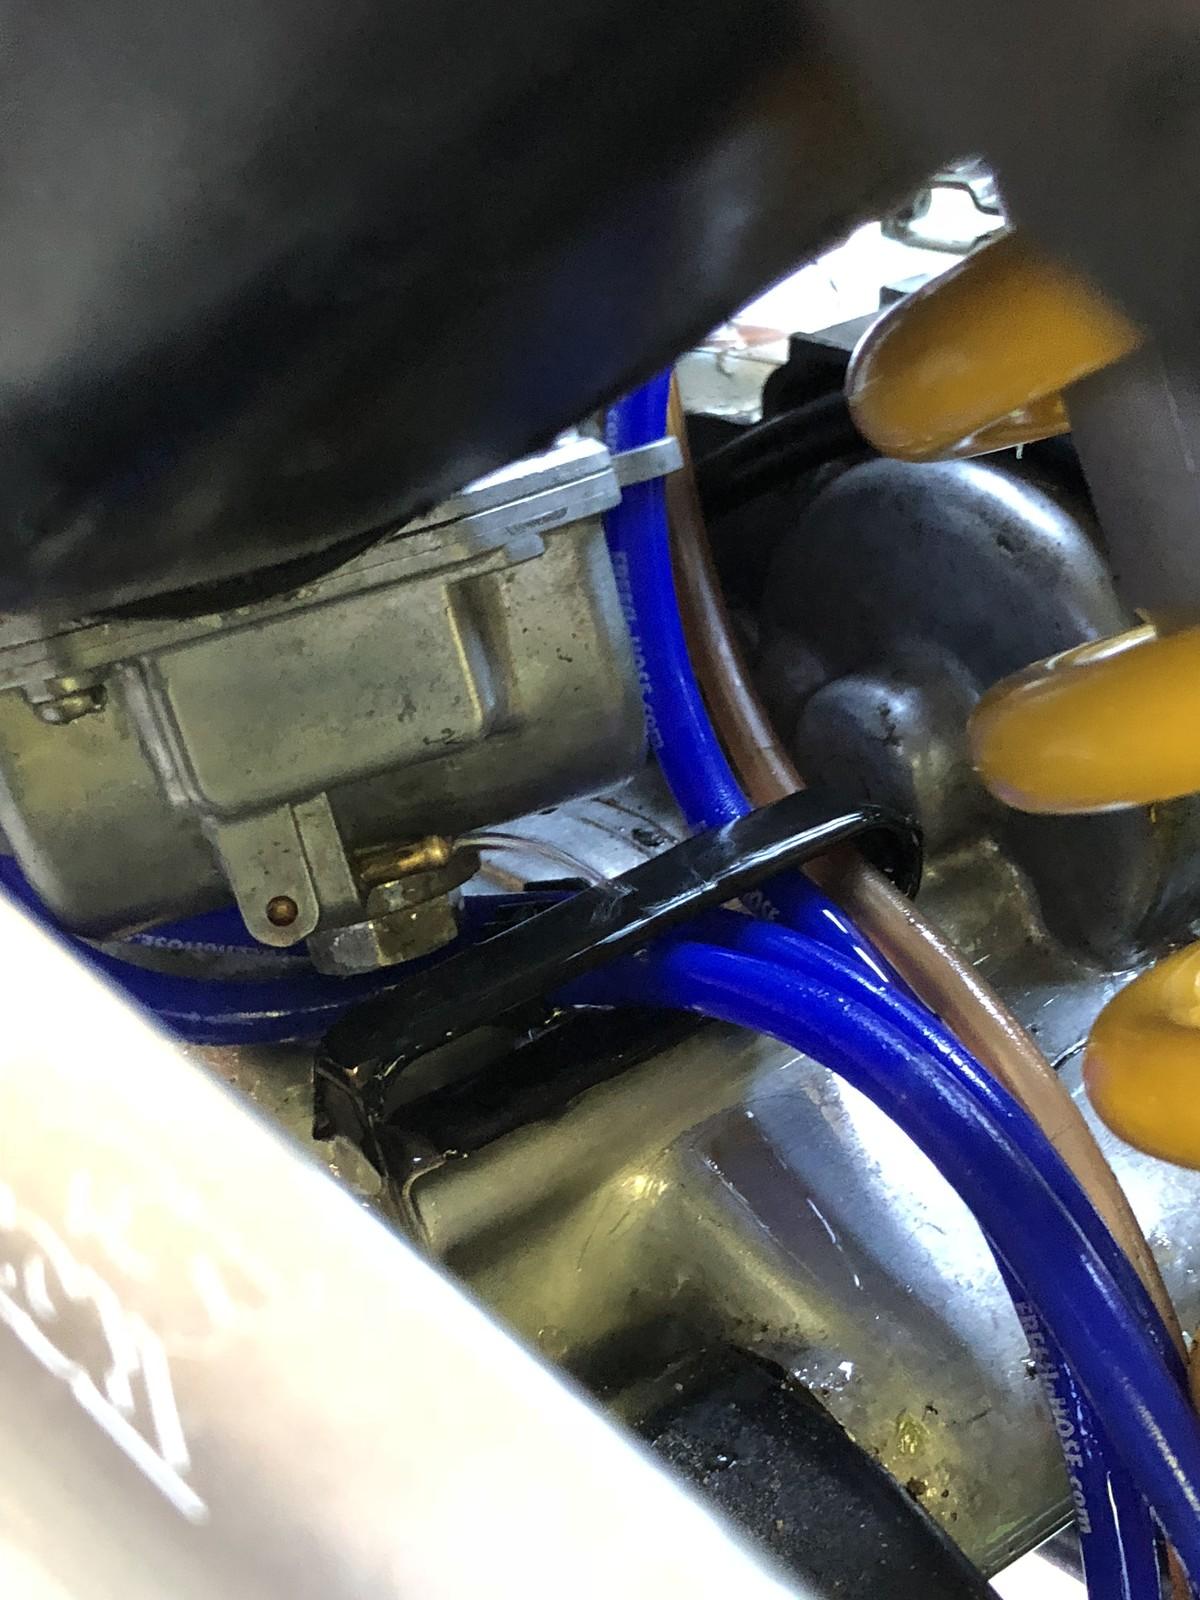 97 yz125 carb fuel leak problems - Tech Help/Race Shop